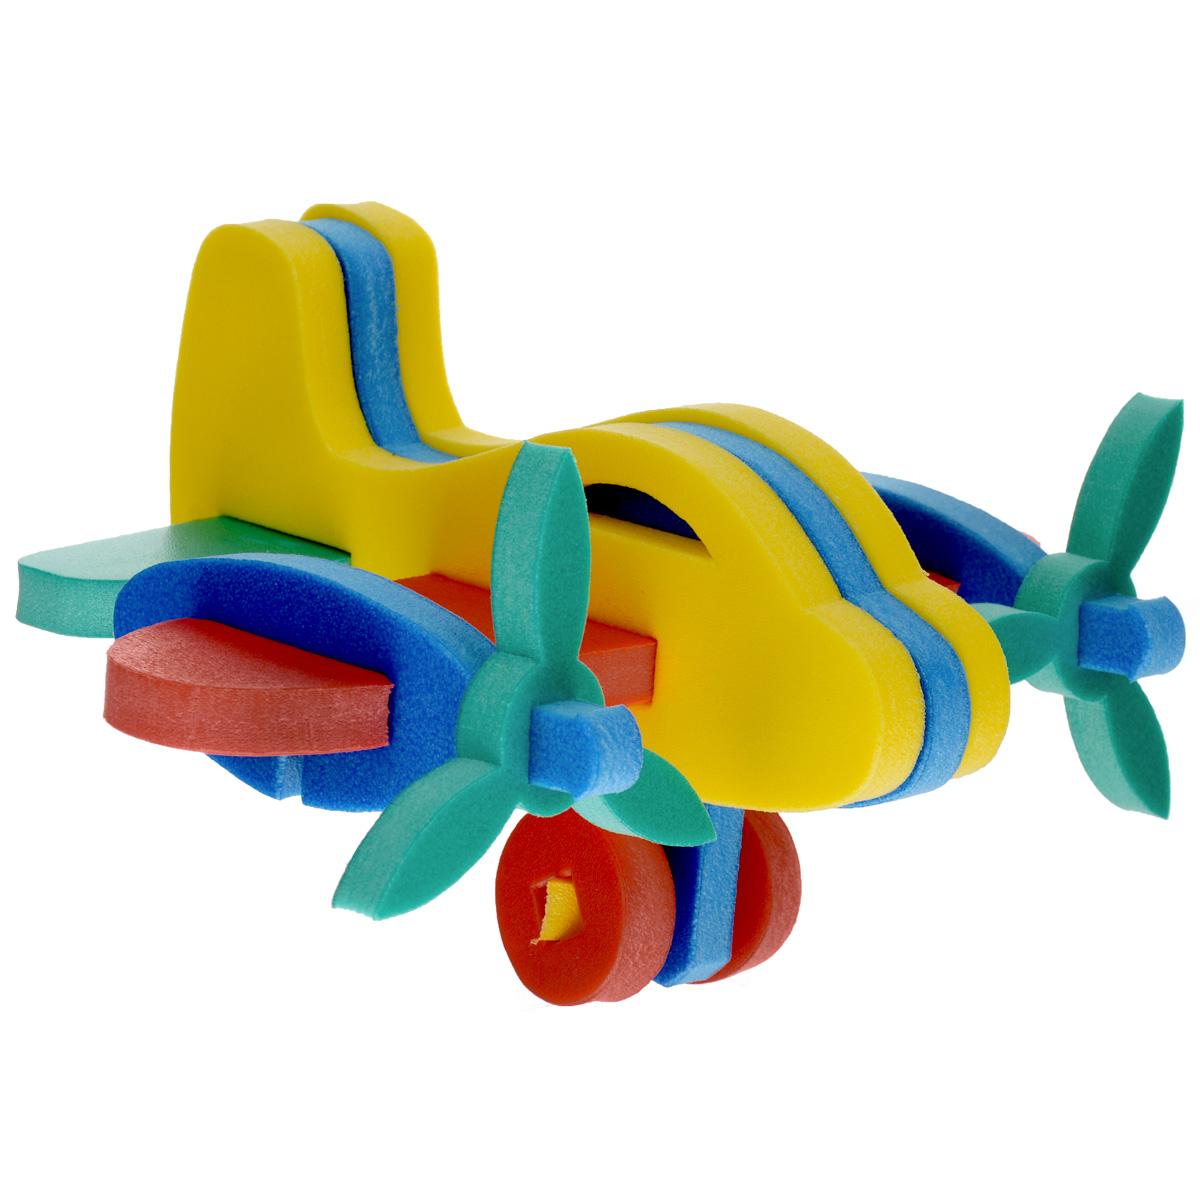 Флексика Мягкий конструктор Самолетик45365Мозаики и конструкторы настолько универсальны и практичны, что с ними можно играть практически везде. Для производства игрушек используется современный, легкий, эластичный, прочный материал, который обеспечивает большую долговечность игрушек, и главное –является абсолютно безопасным для детей. К тому же, благодаря особой структуре материала и свойству прилипать к мокрой поверхности, мягкие конструкторы и мозаики являются идеальной игрушкой для ванны. Способствует развитию у ребенка мелкой моторики, образного и логического мышления, наблюдательности. Производственная фирма `Тедико` зарекомендовала себя на рынке отечественных товаров как производитель высококачественных конструкторов и мозаик серии `Флексика`. Богатый ассортимент включает в себя игрушки для малышей и детей старшего возраста. УВАЖАЕМЫЕ КЛИЕНТЫ! Обращаем ваше внимание на возможные изменения в дизайне, связанные с ассортиментом продукции: цвет изделия или отдельных деталей...